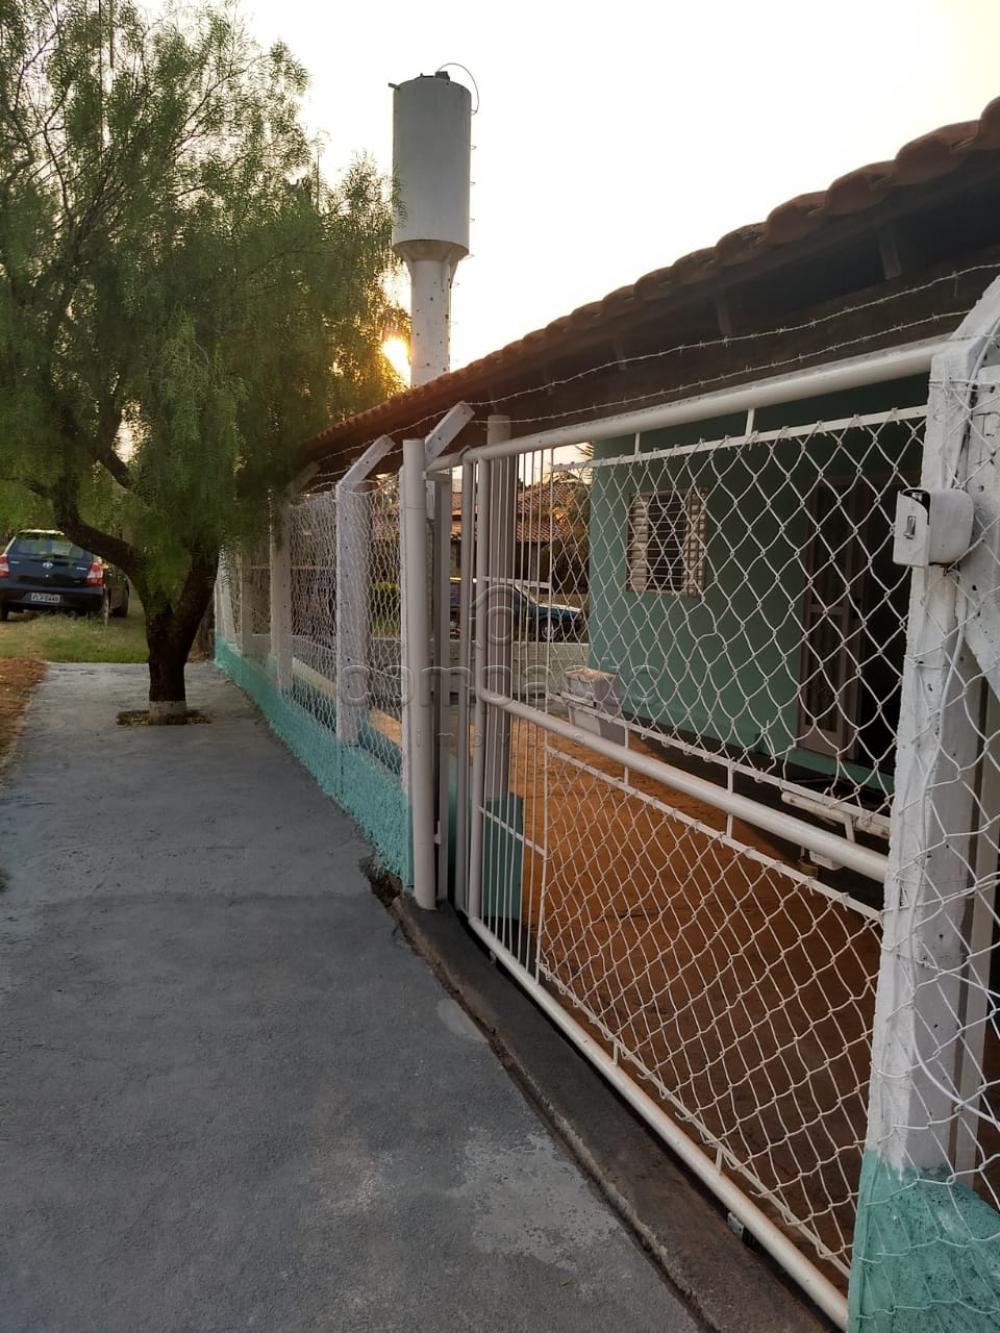 Comprar Rural / Chácara em São José do Rio Preto apenas R$ 254.400,00 - Foto 2